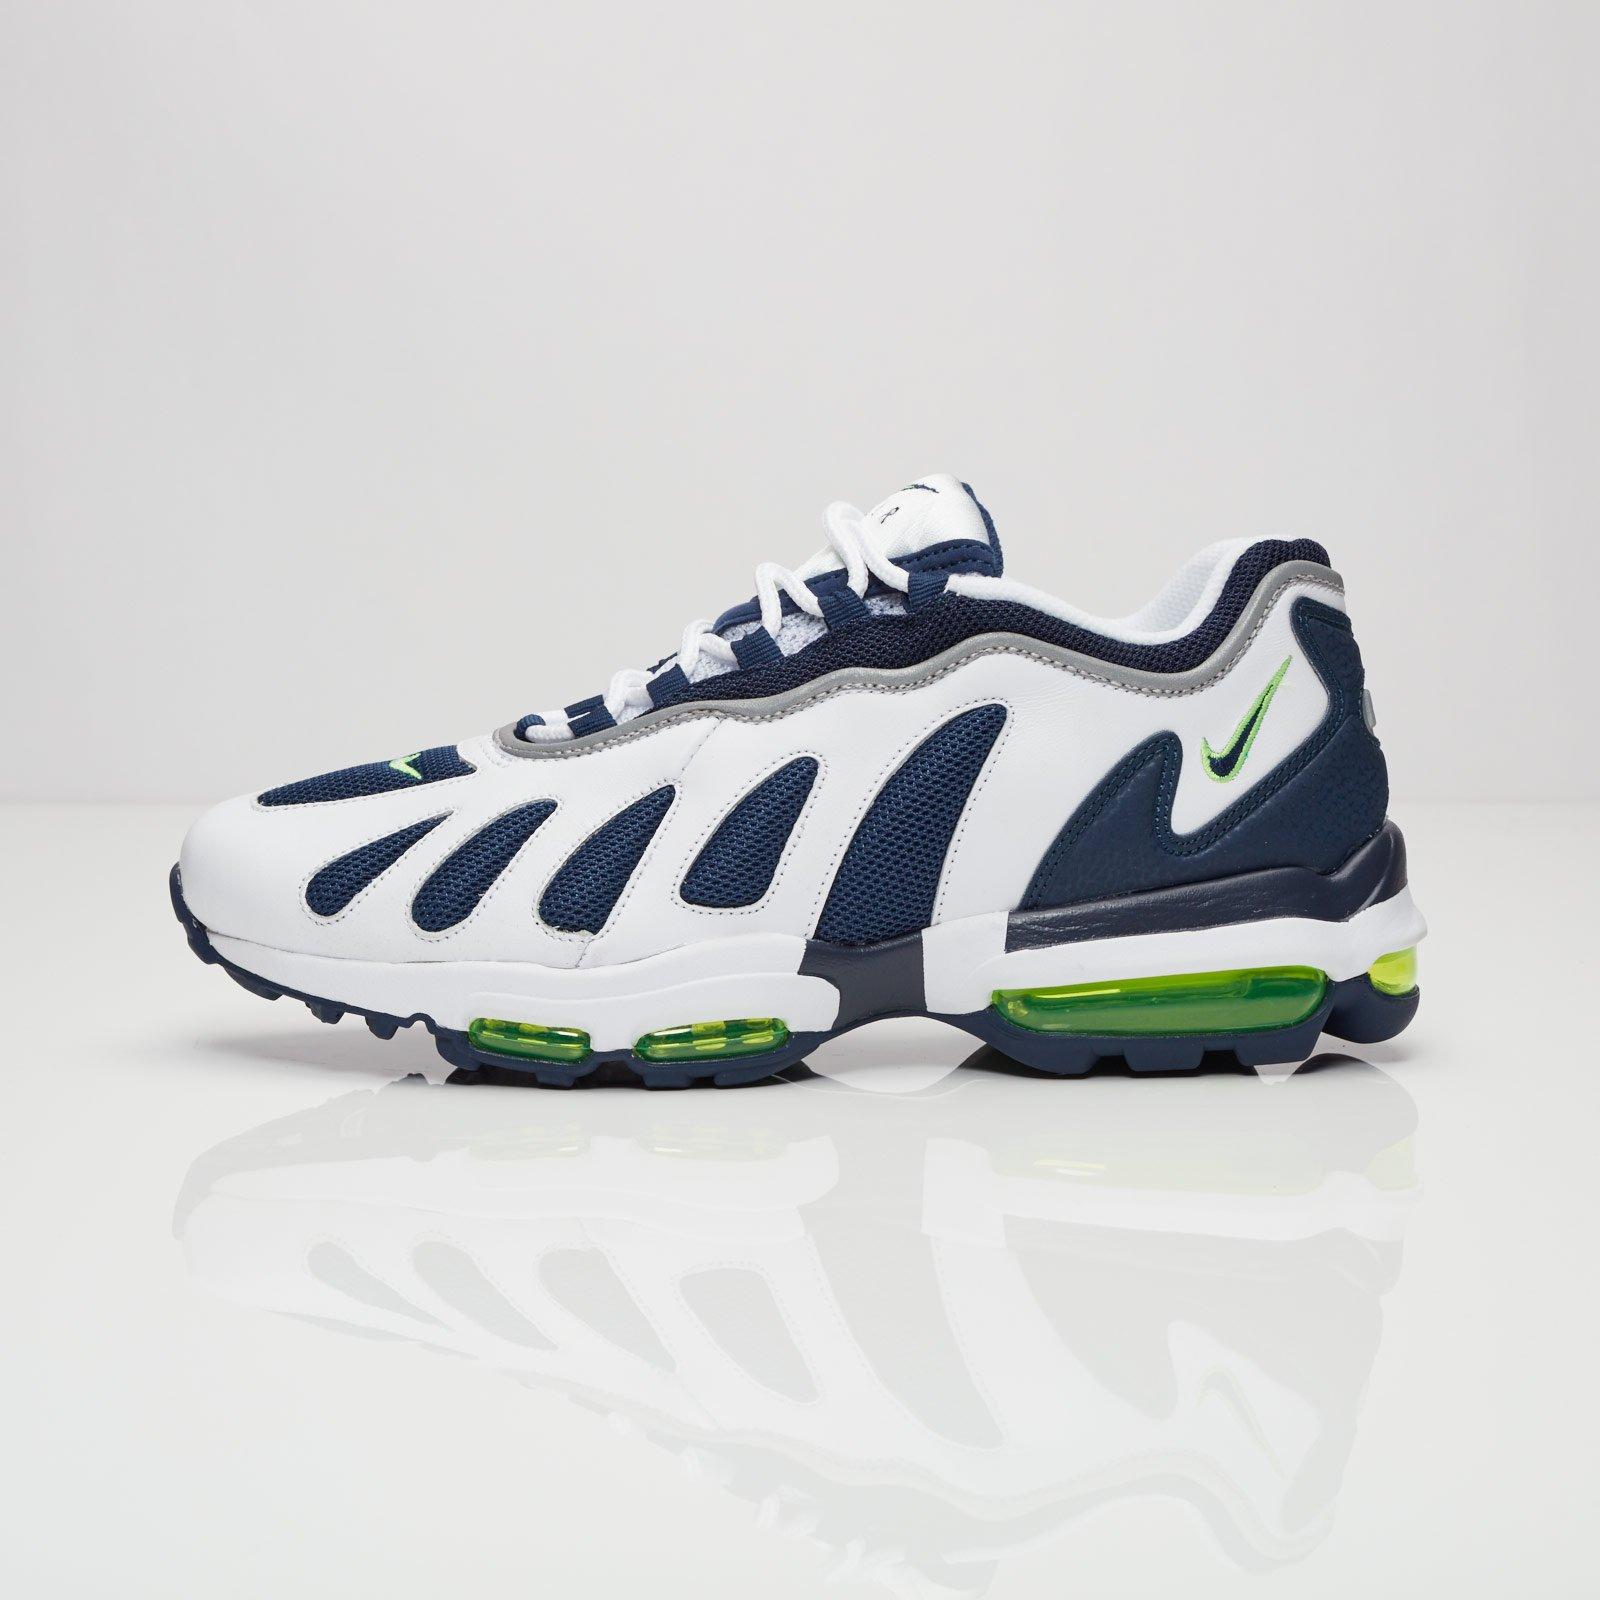 ed0ad88e4df0 Nike Air Max 96 XX - 870165-100 - Sneakersnstuff